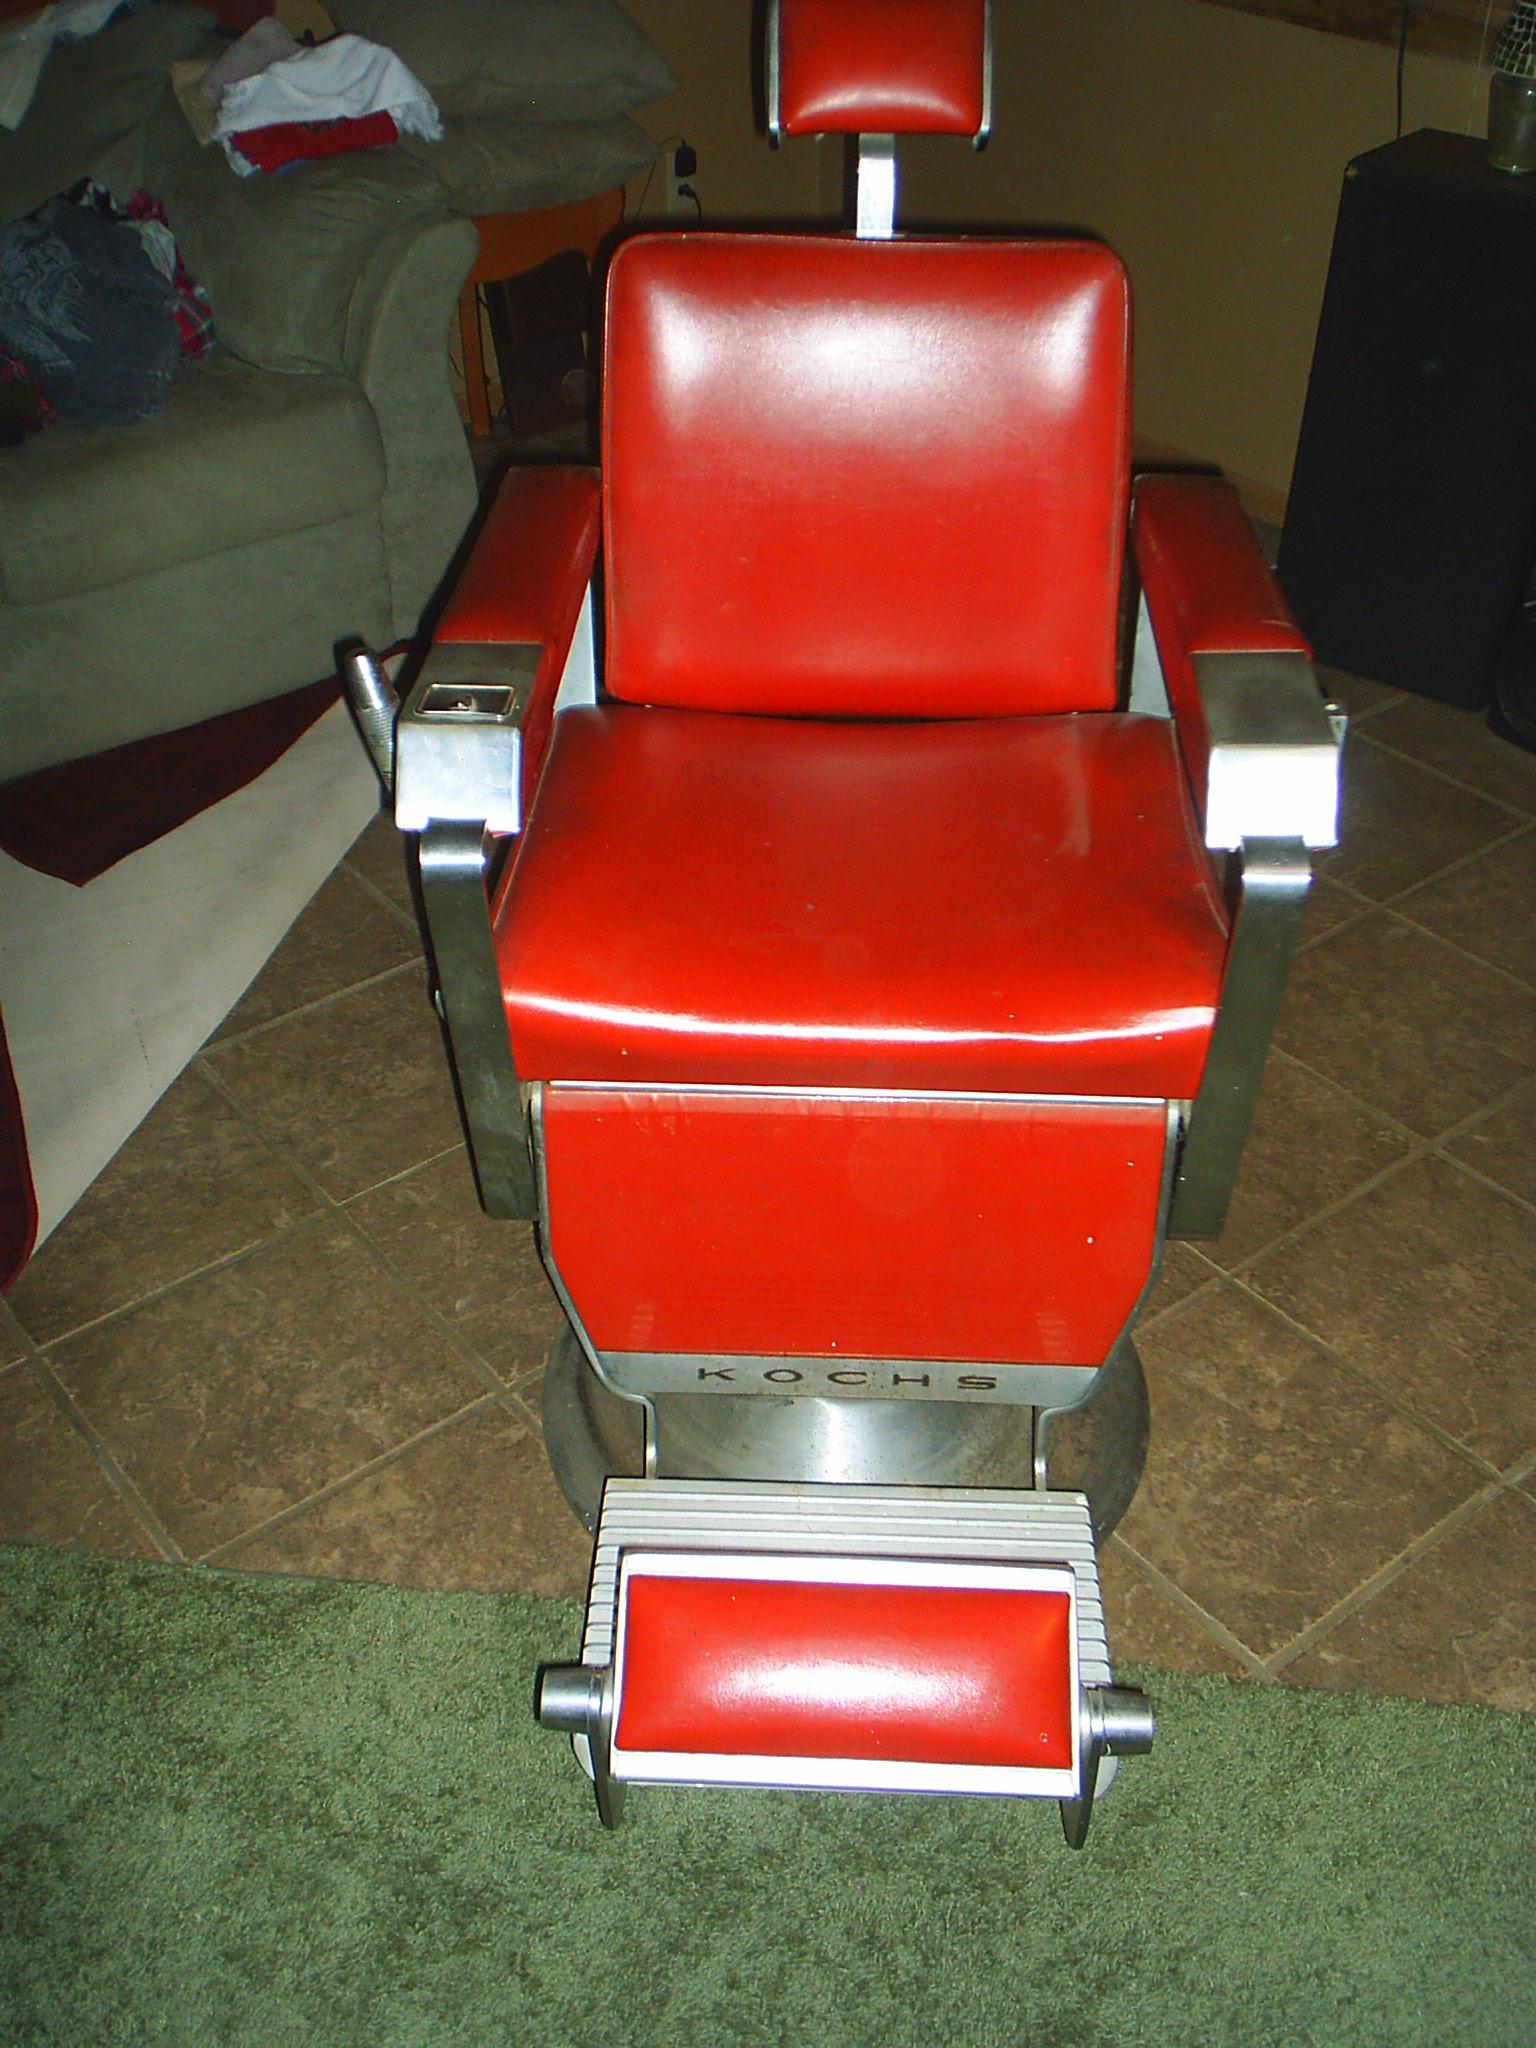 1962 Kochs Barber Chair Red antique appraisal